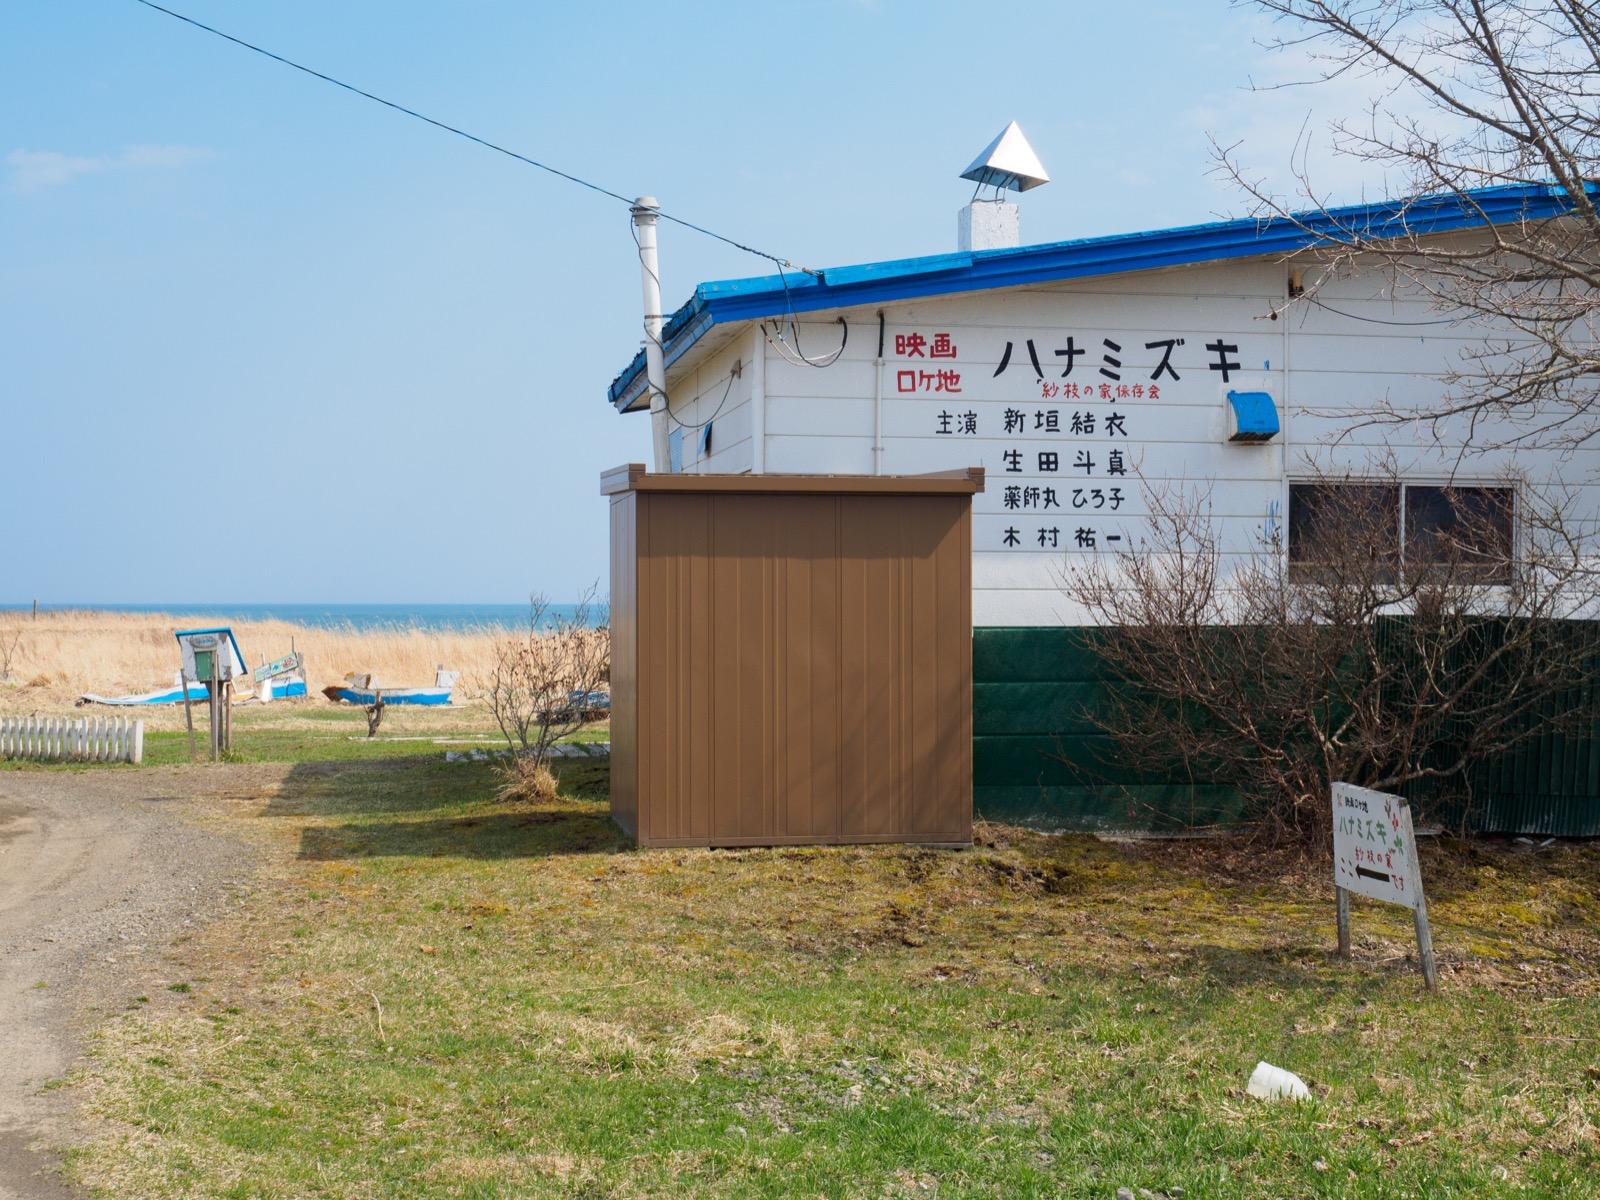 尺別駅のそばにある、映画『ハナミズキ』紗枝の家